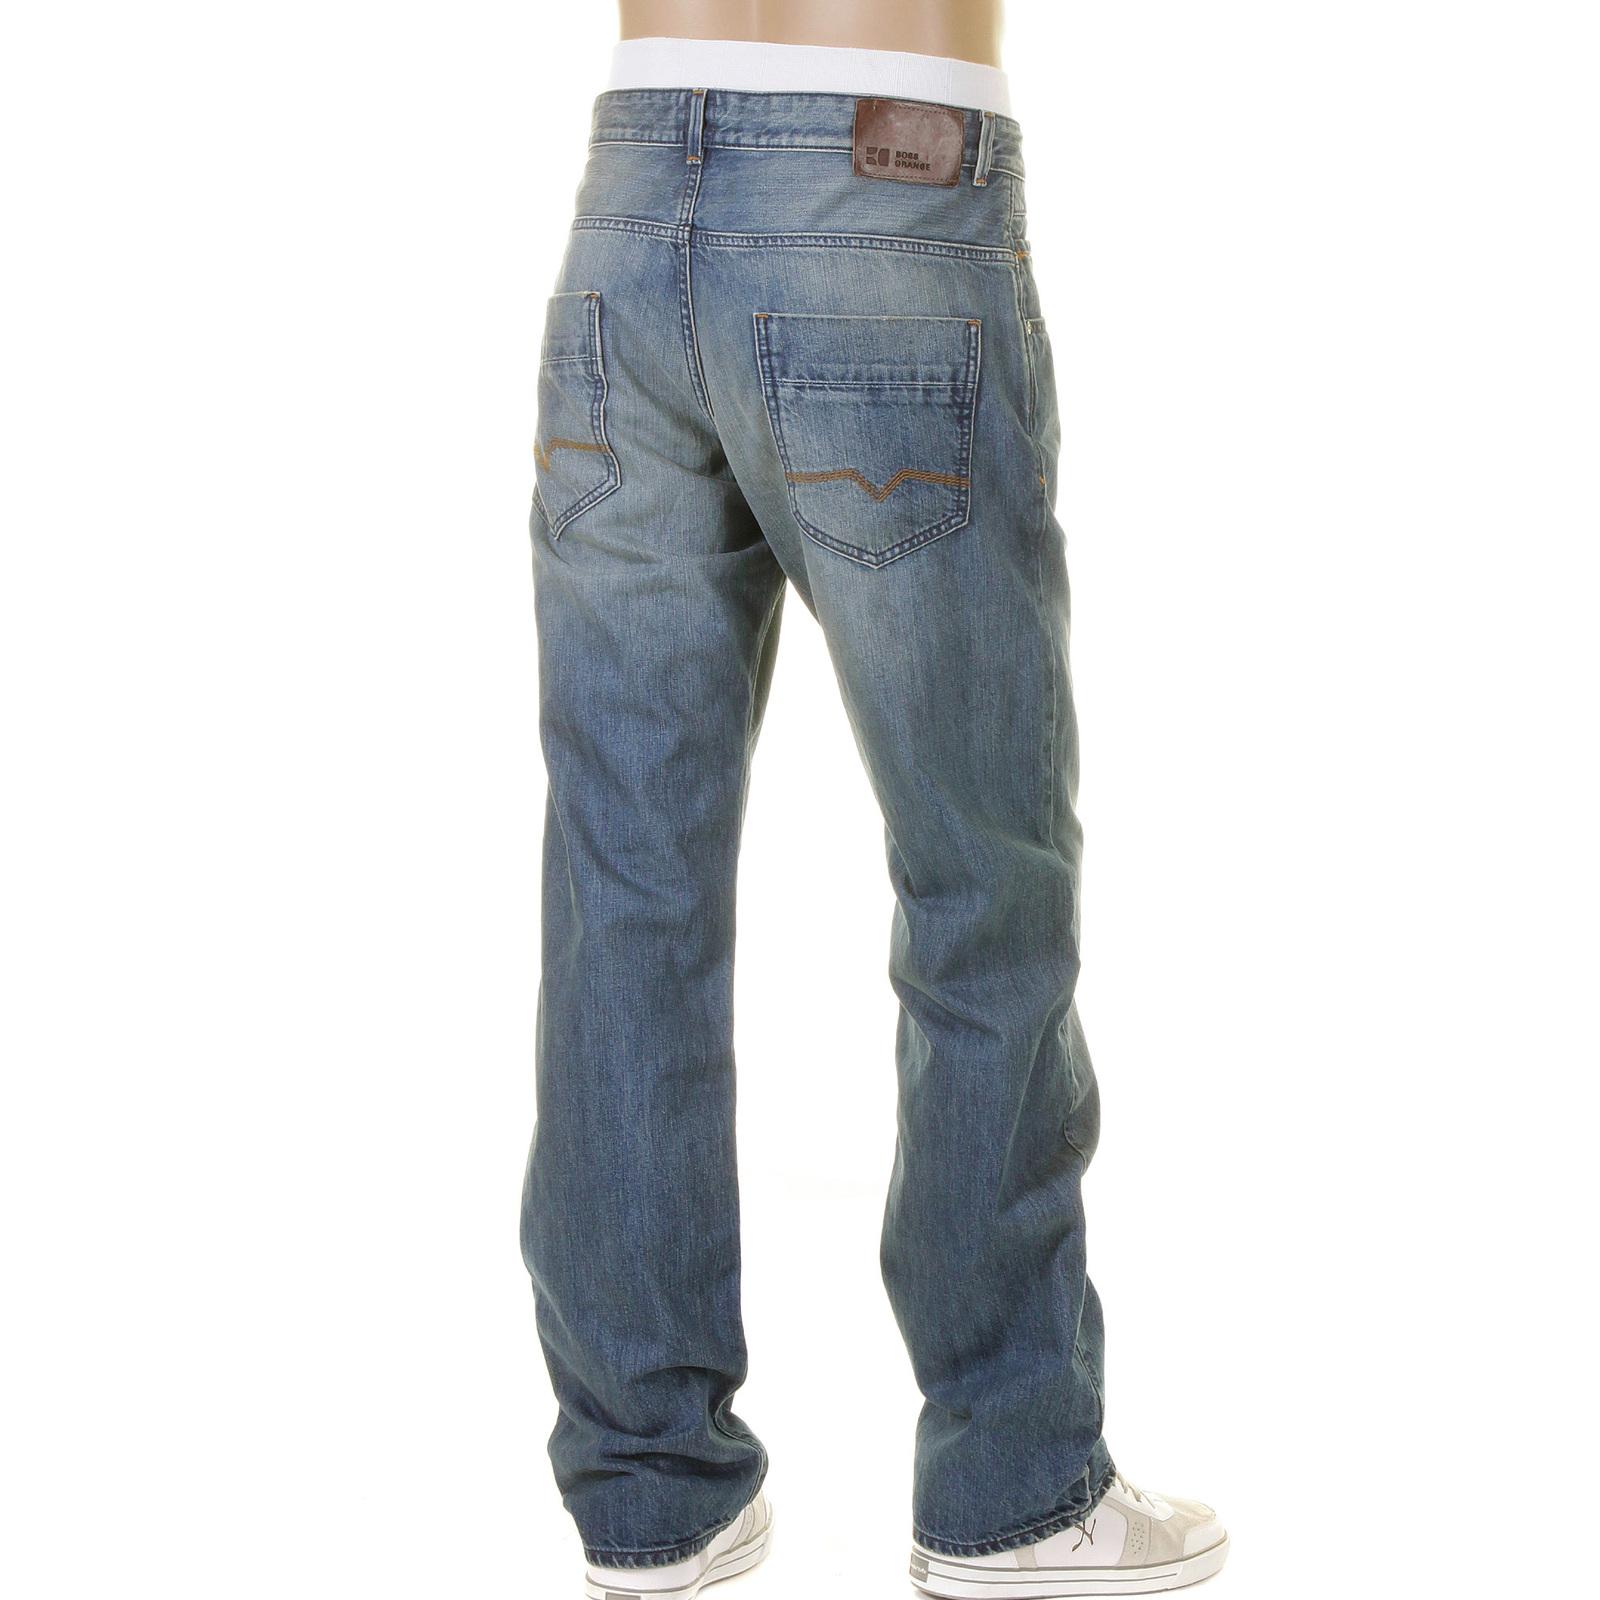 boss orange jeans 49 everyday comfort fit 50198164 420. Black Bedroom Furniture Sets. Home Design Ideas